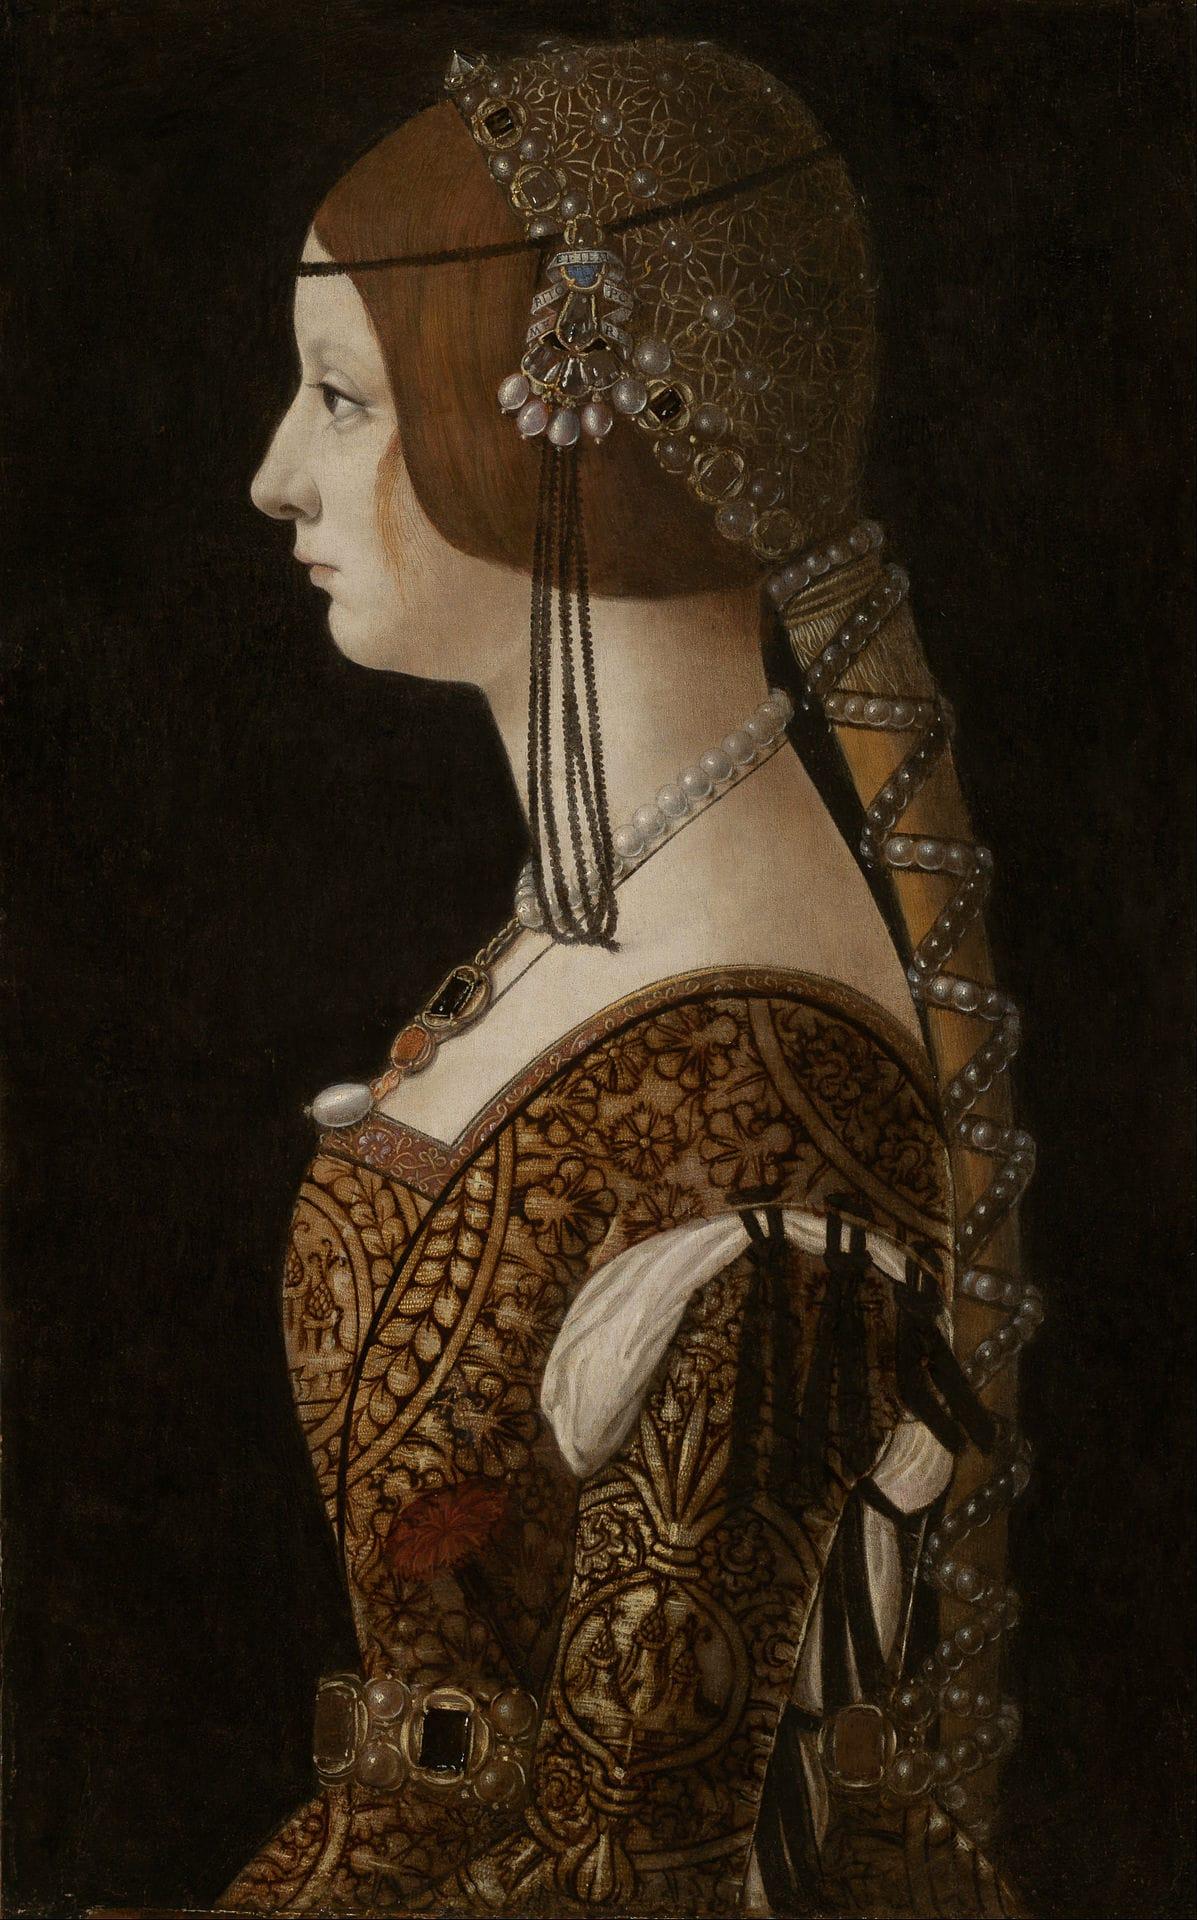 Giovanni_Ambrogio_de_Predis_Blanca_Maria_Sforza_ca_1493_NGW